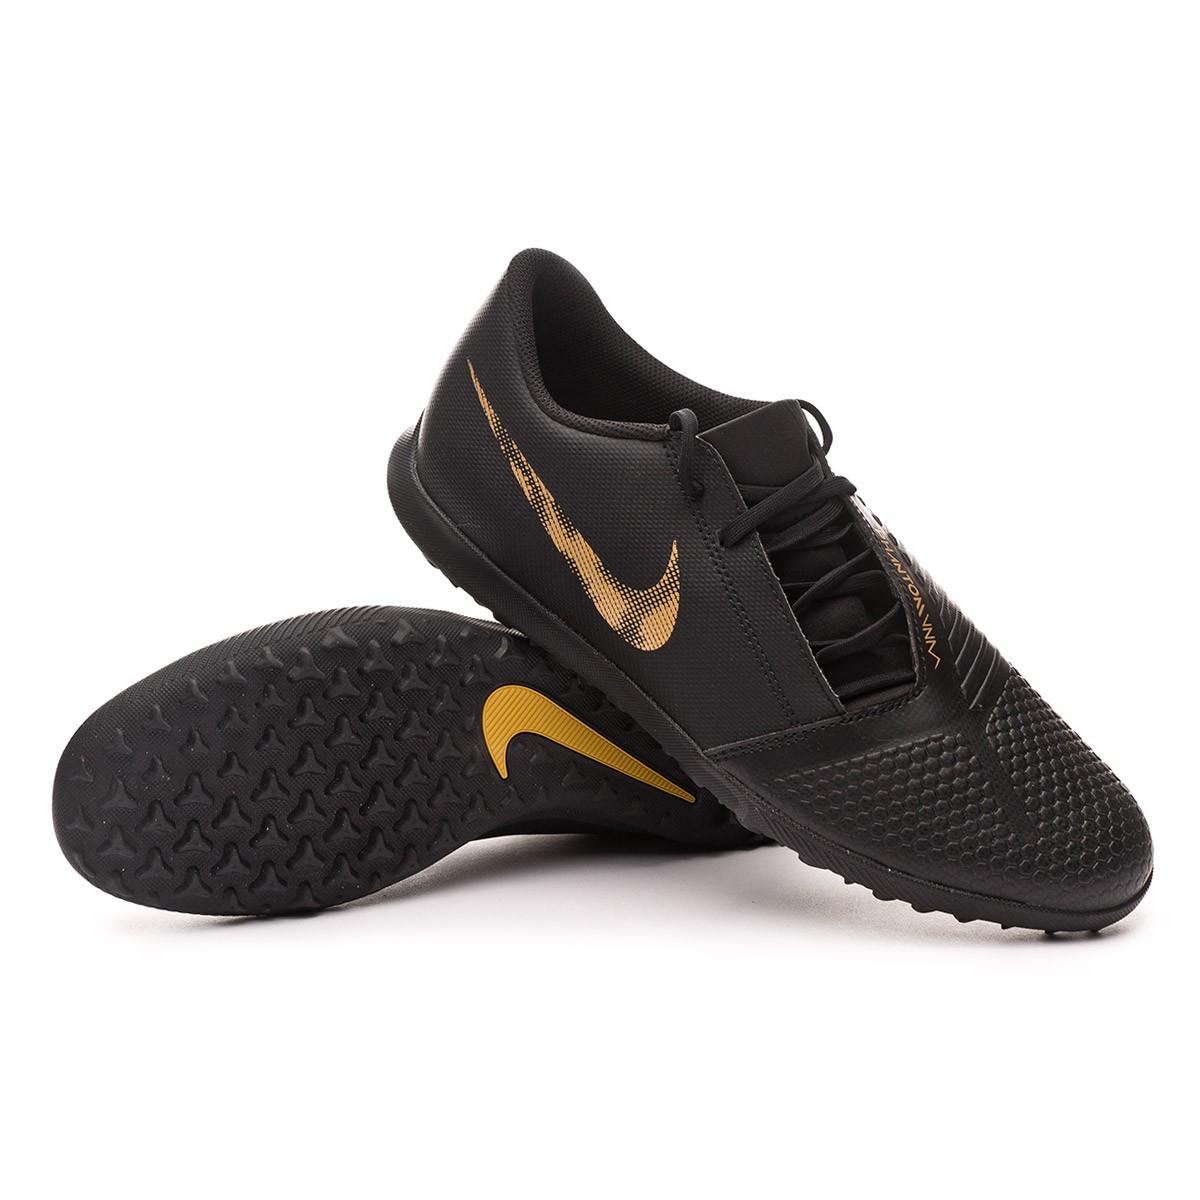 899566e6ff7 Football Boot Nike Phantom Venom Club Turf Black-Metallic vivid gold ...